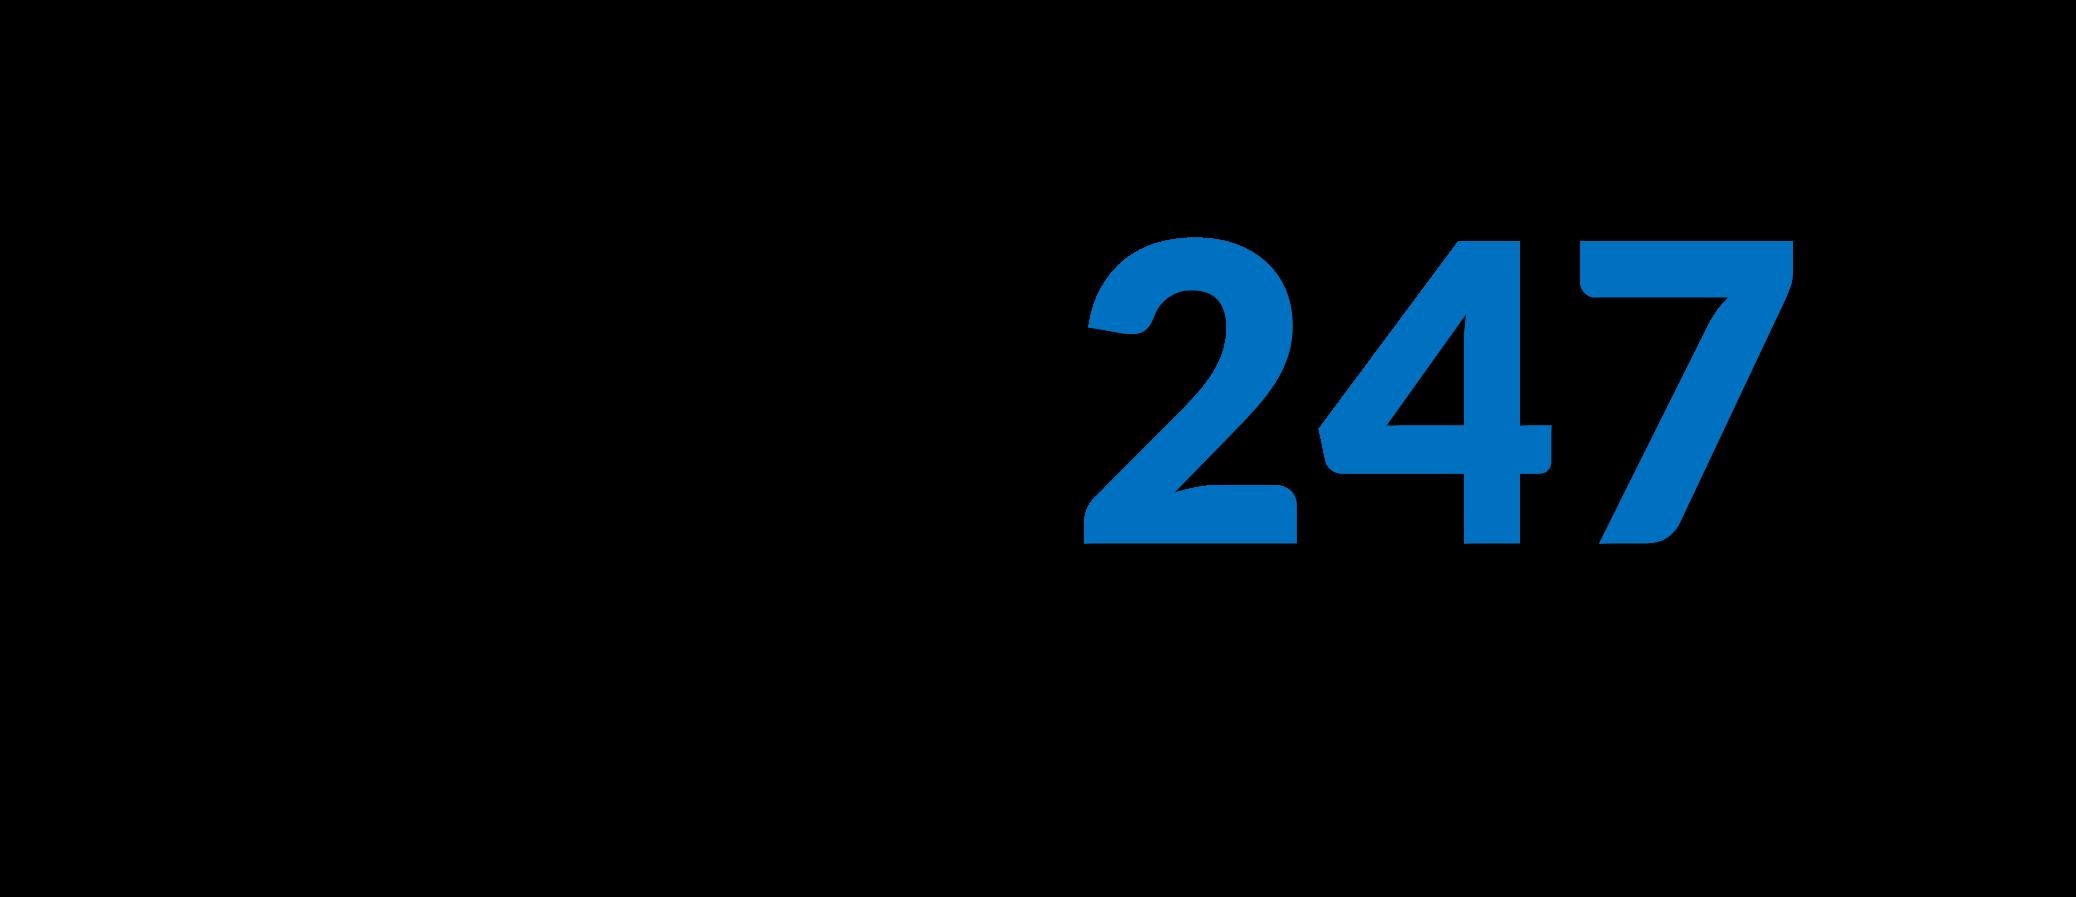 VAS247